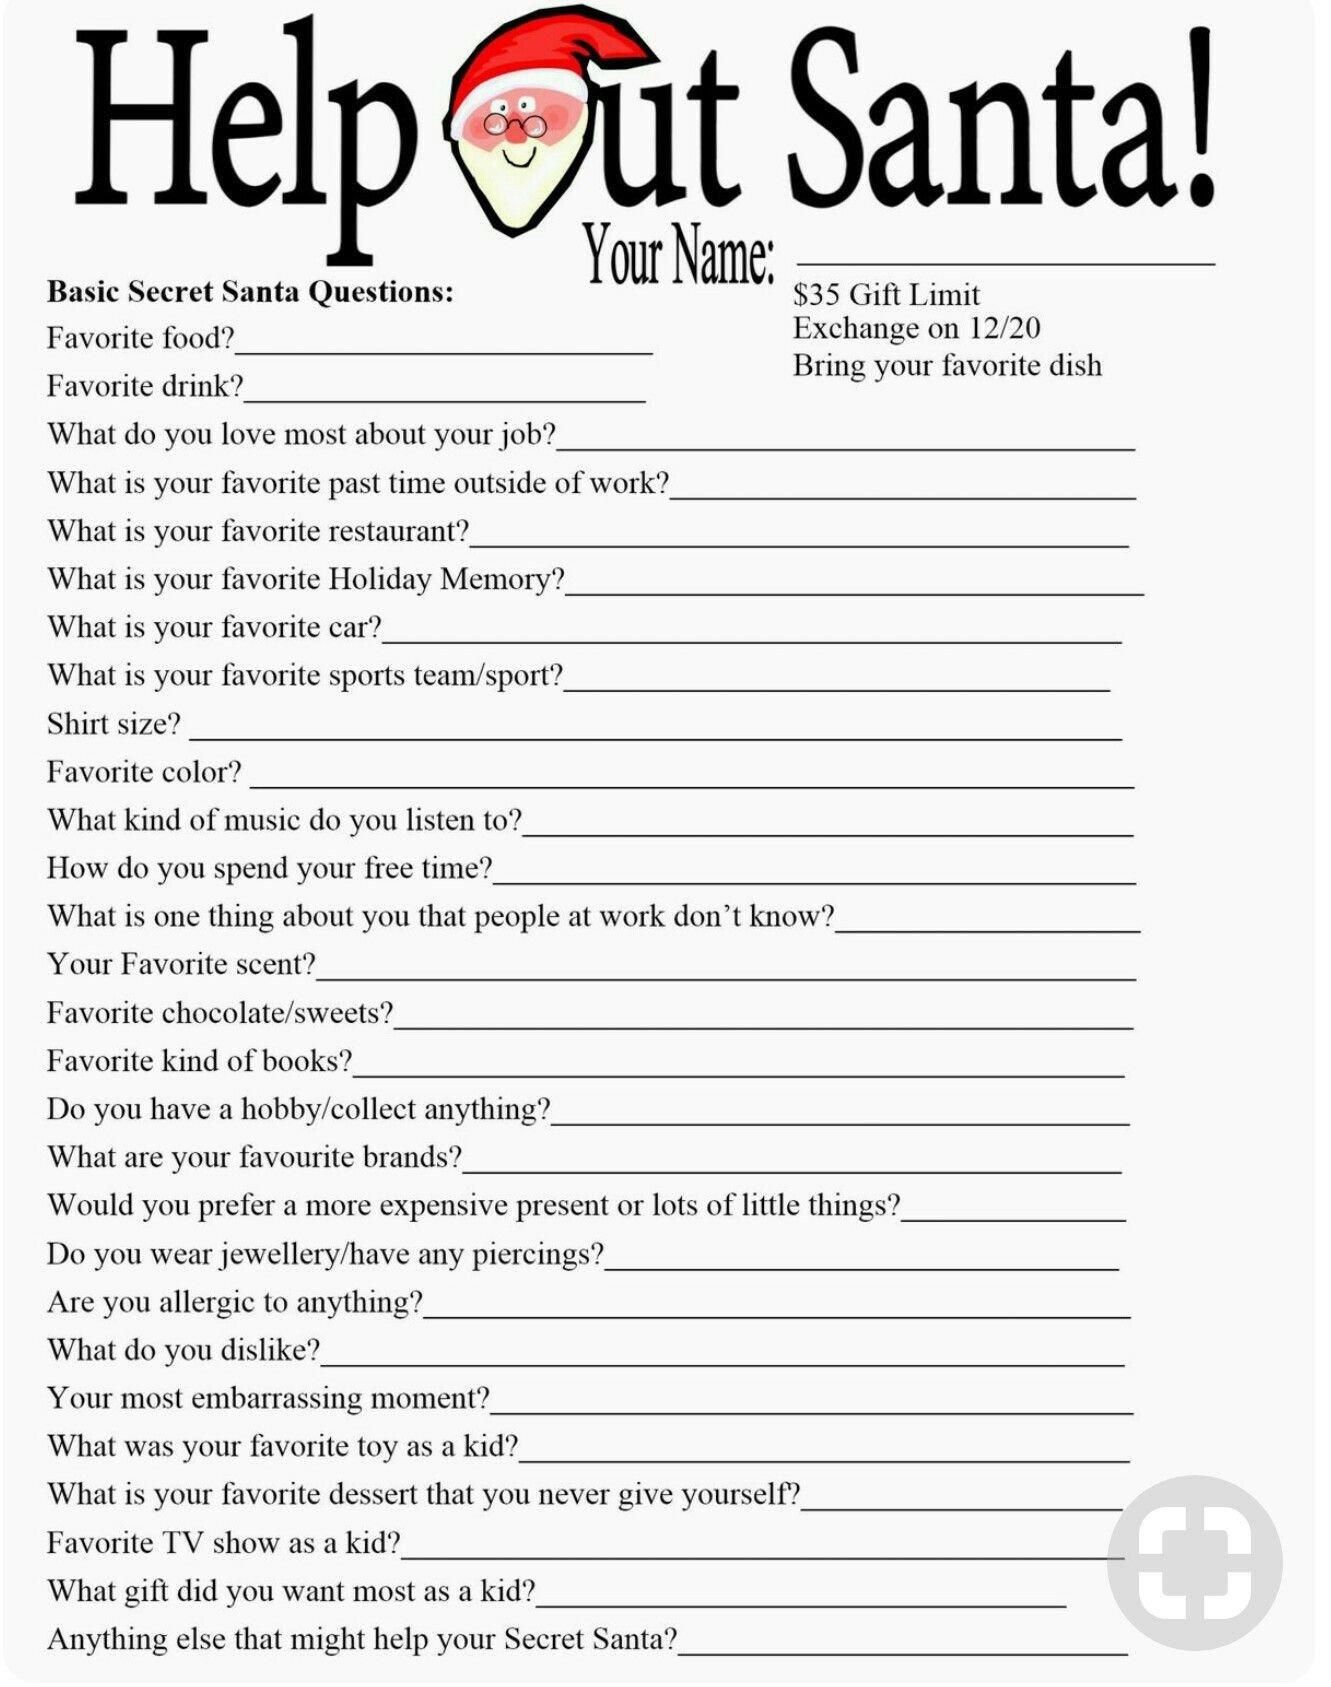 Secret Pal Questionaire Help Out Santa A Questionnaire